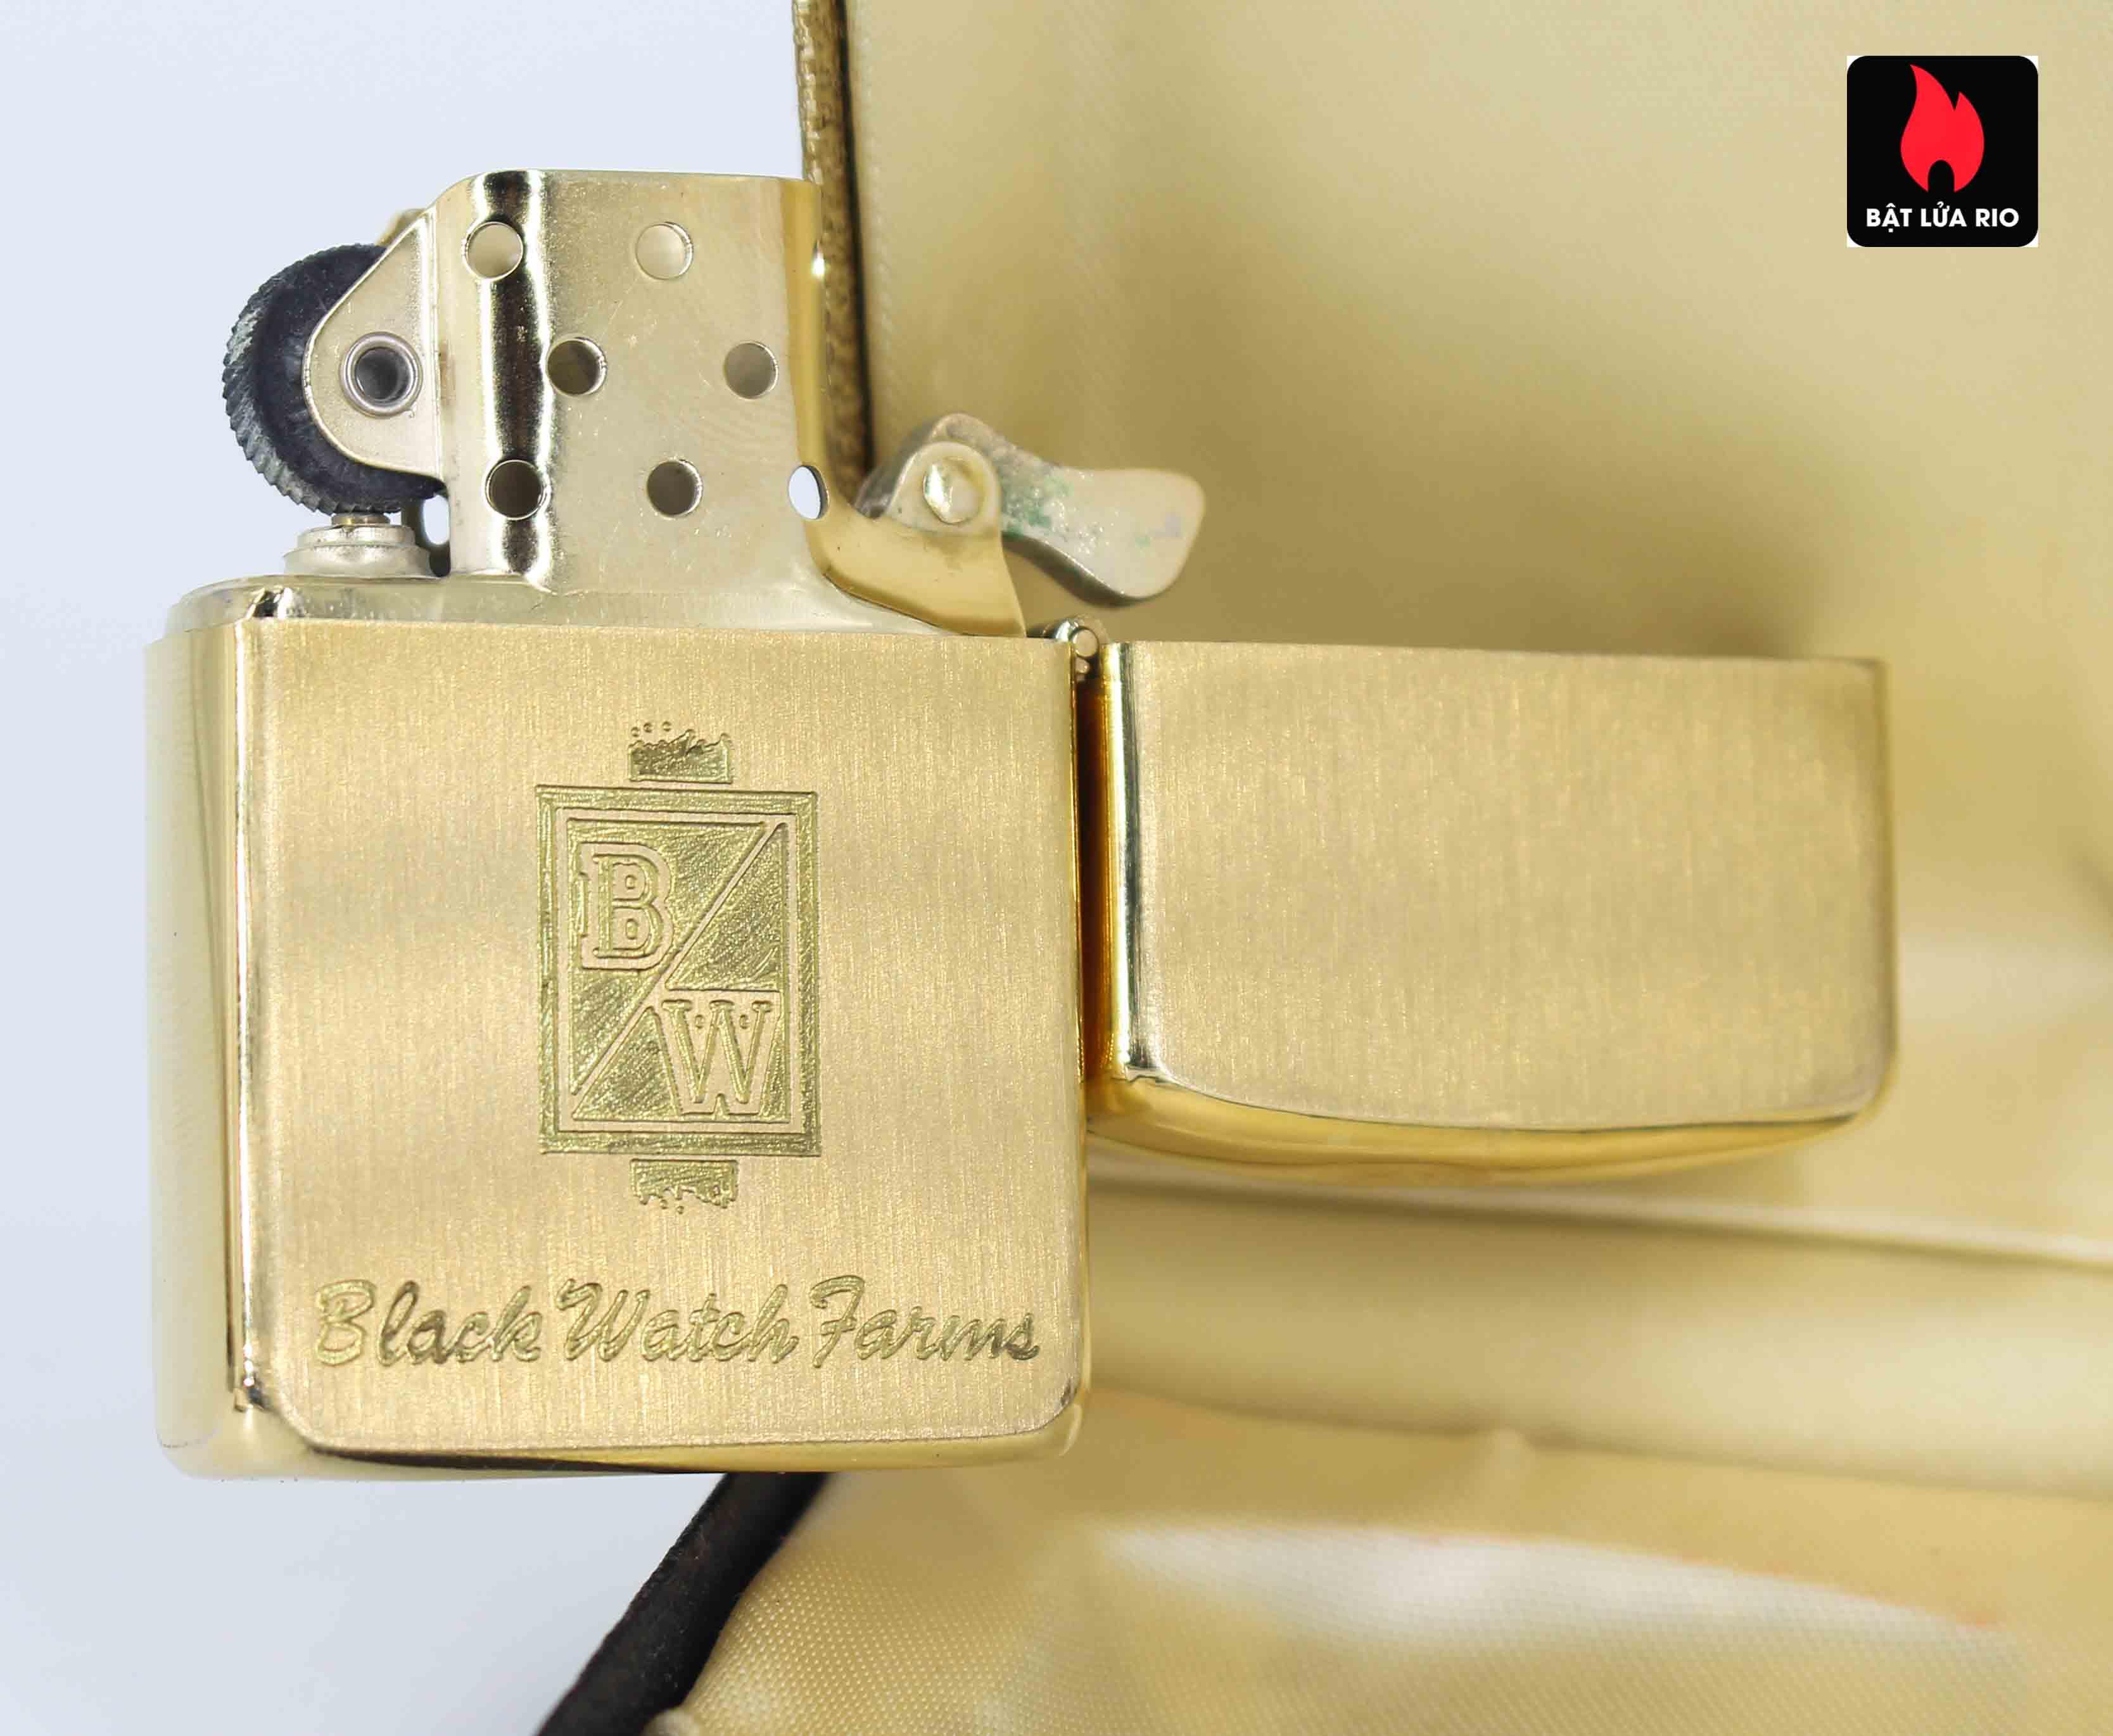 Zippo 1960s - 10K Gold Filled – Bọc Vàng 10K – Black Watch Farm 13